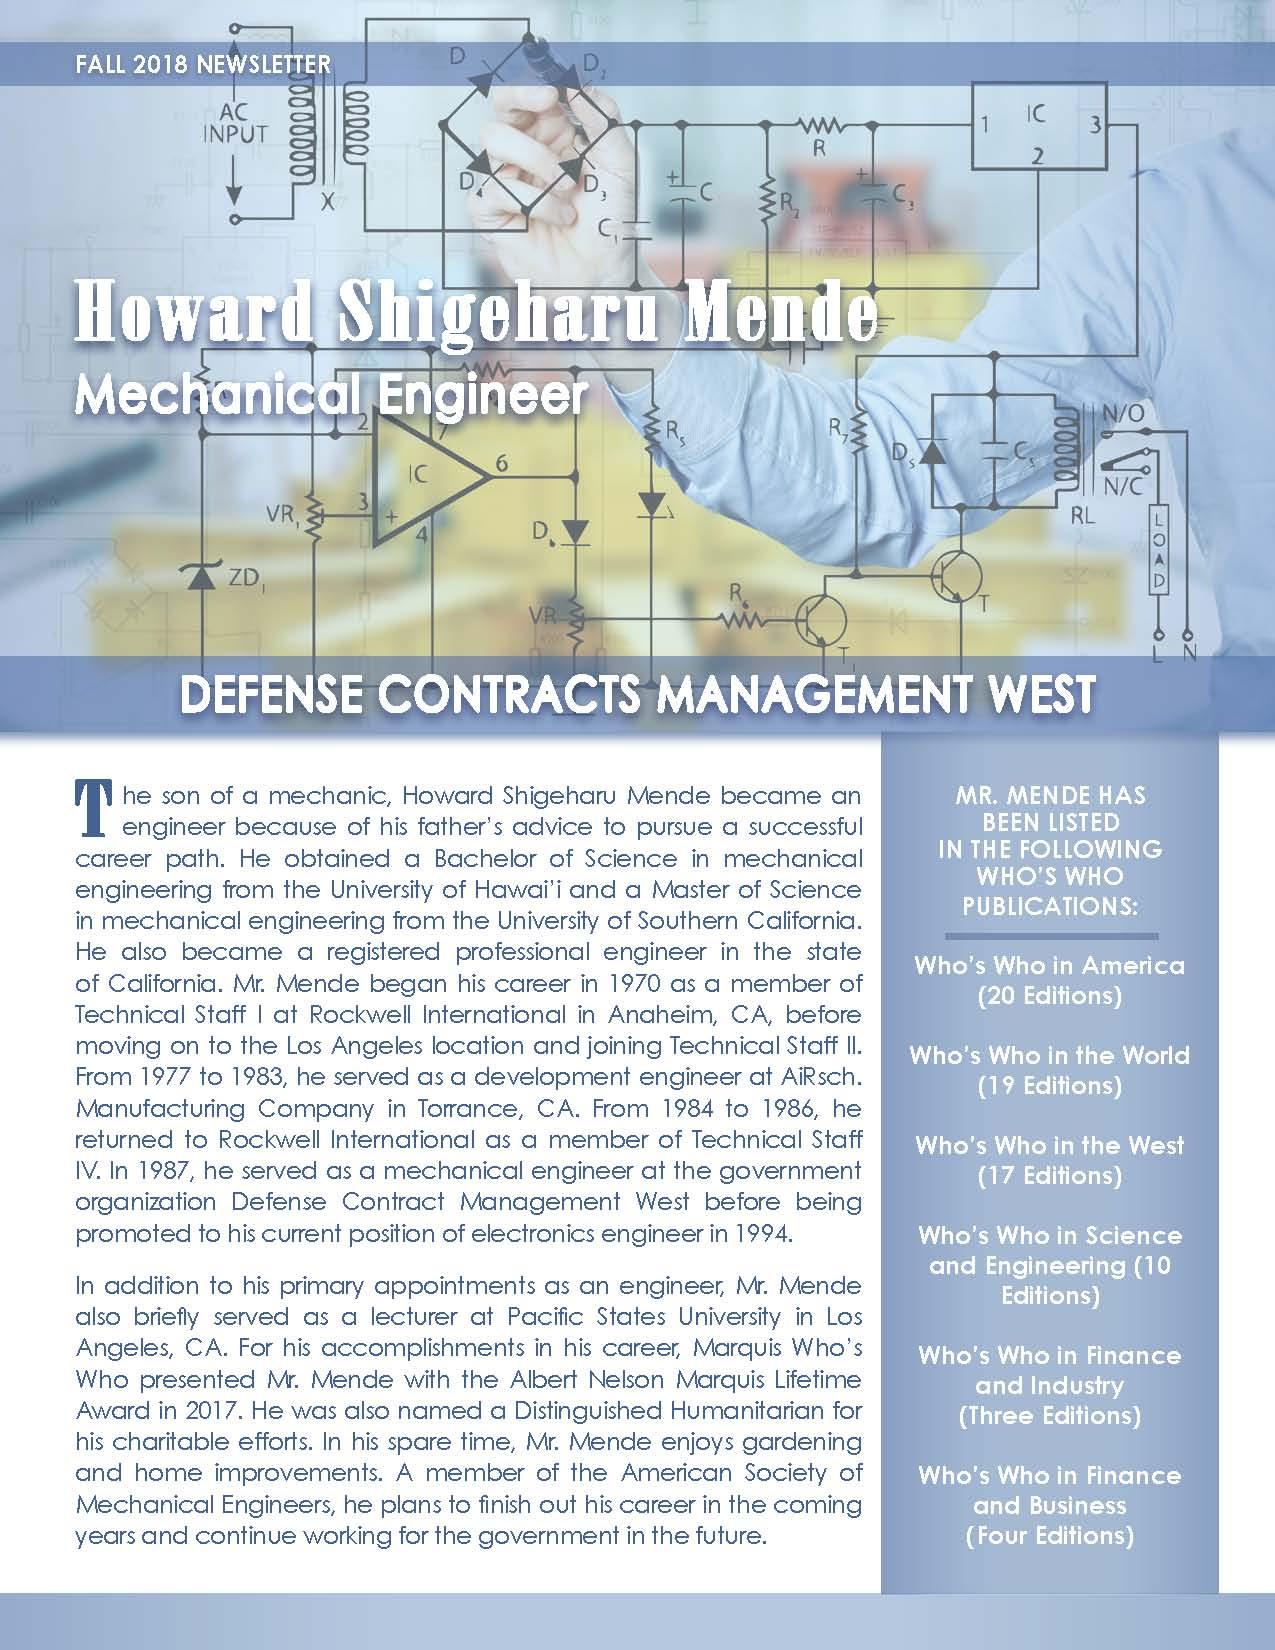 Mende, Howard 2132674_25275091 Newsletter.jpg